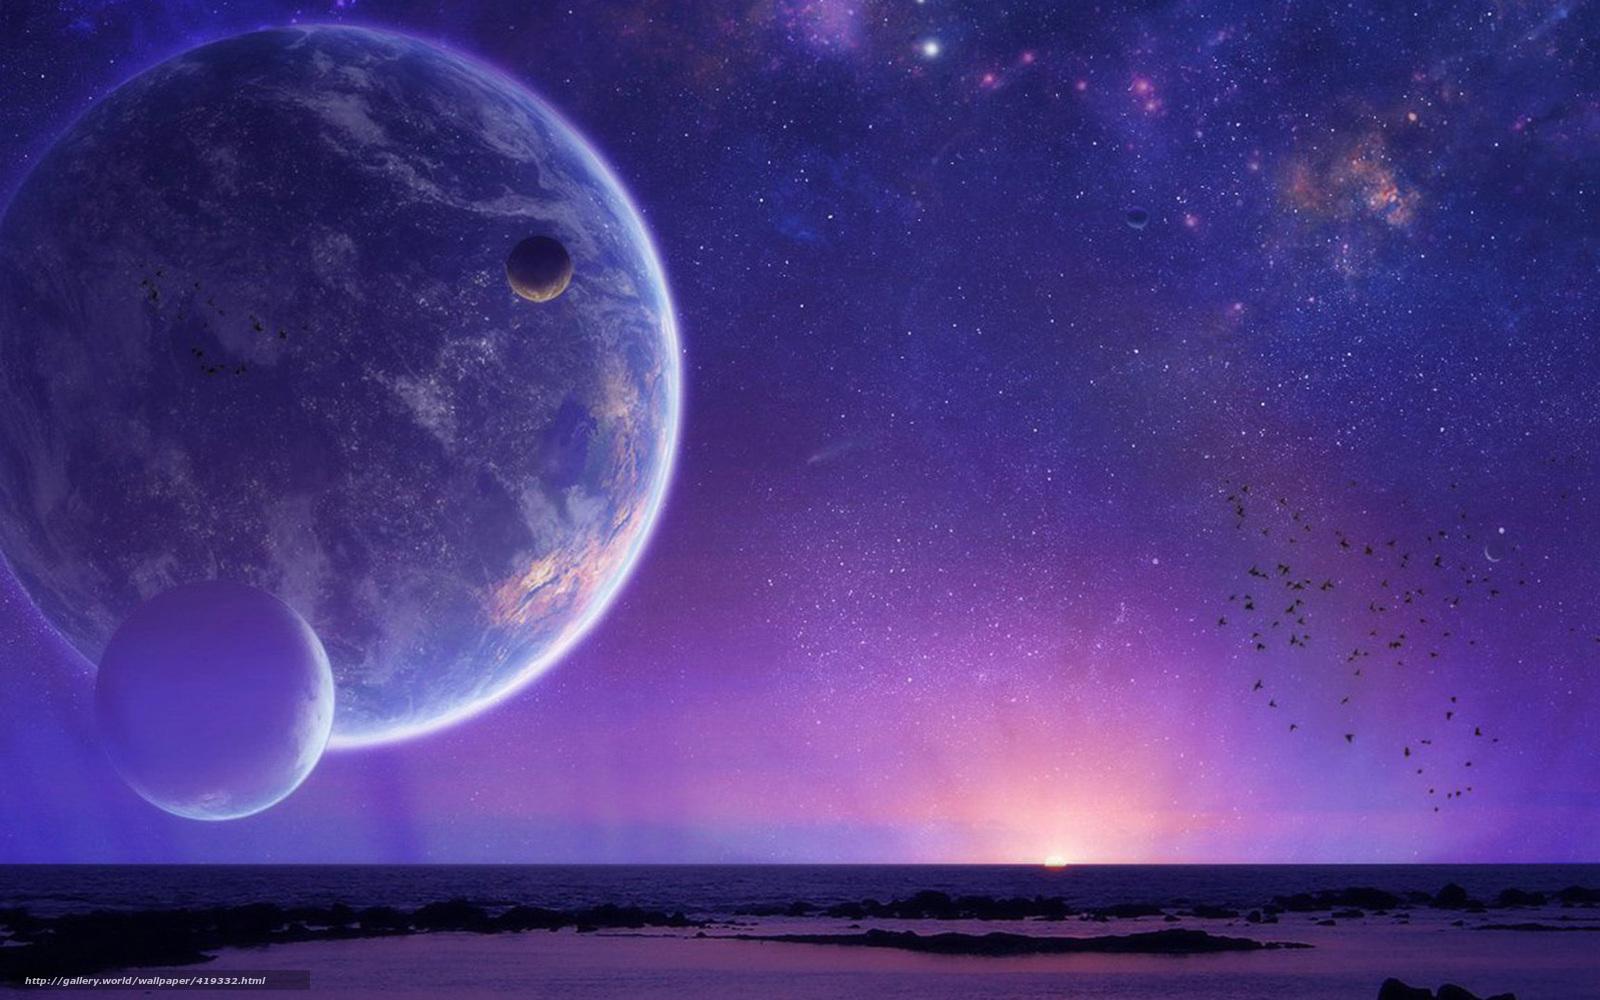 Скачать на телефон обои фото картинку на тему небо, планета, закат, птицы, разширение 1680x1050